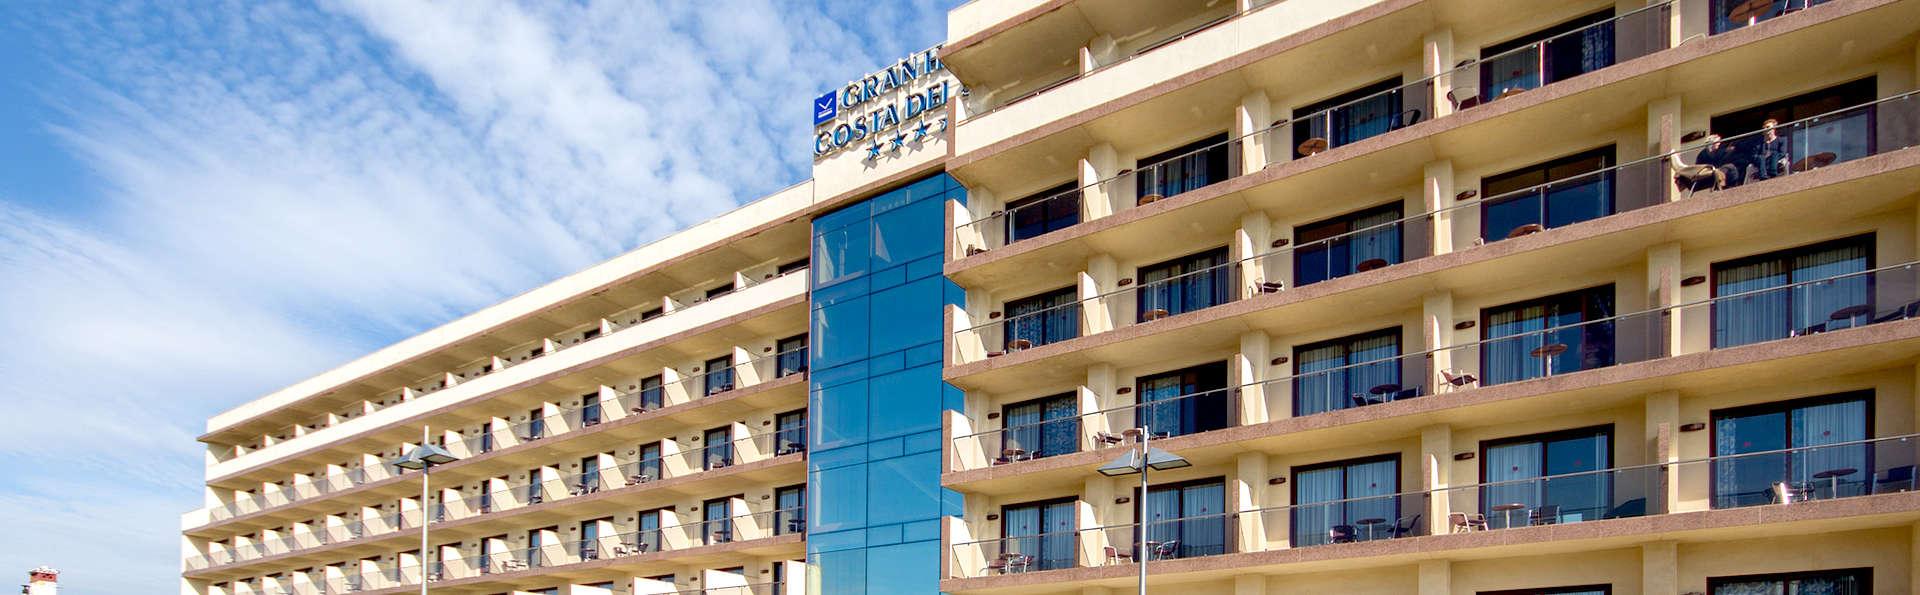 VIK Gran Hotel Costa Del Sol - Edit_Front3.jpg